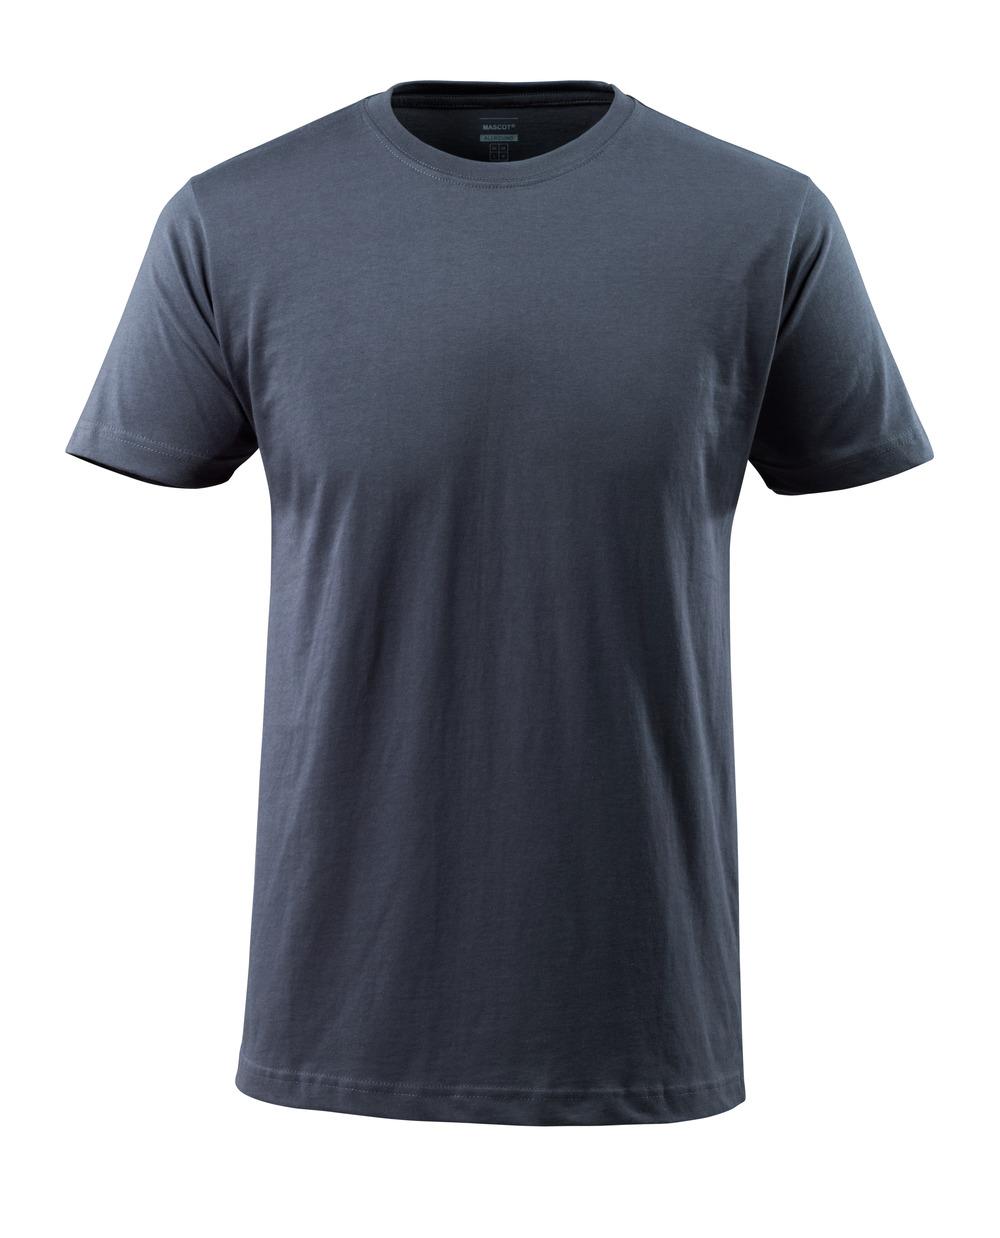 50662-965-010 T-skjorte - mørk marine